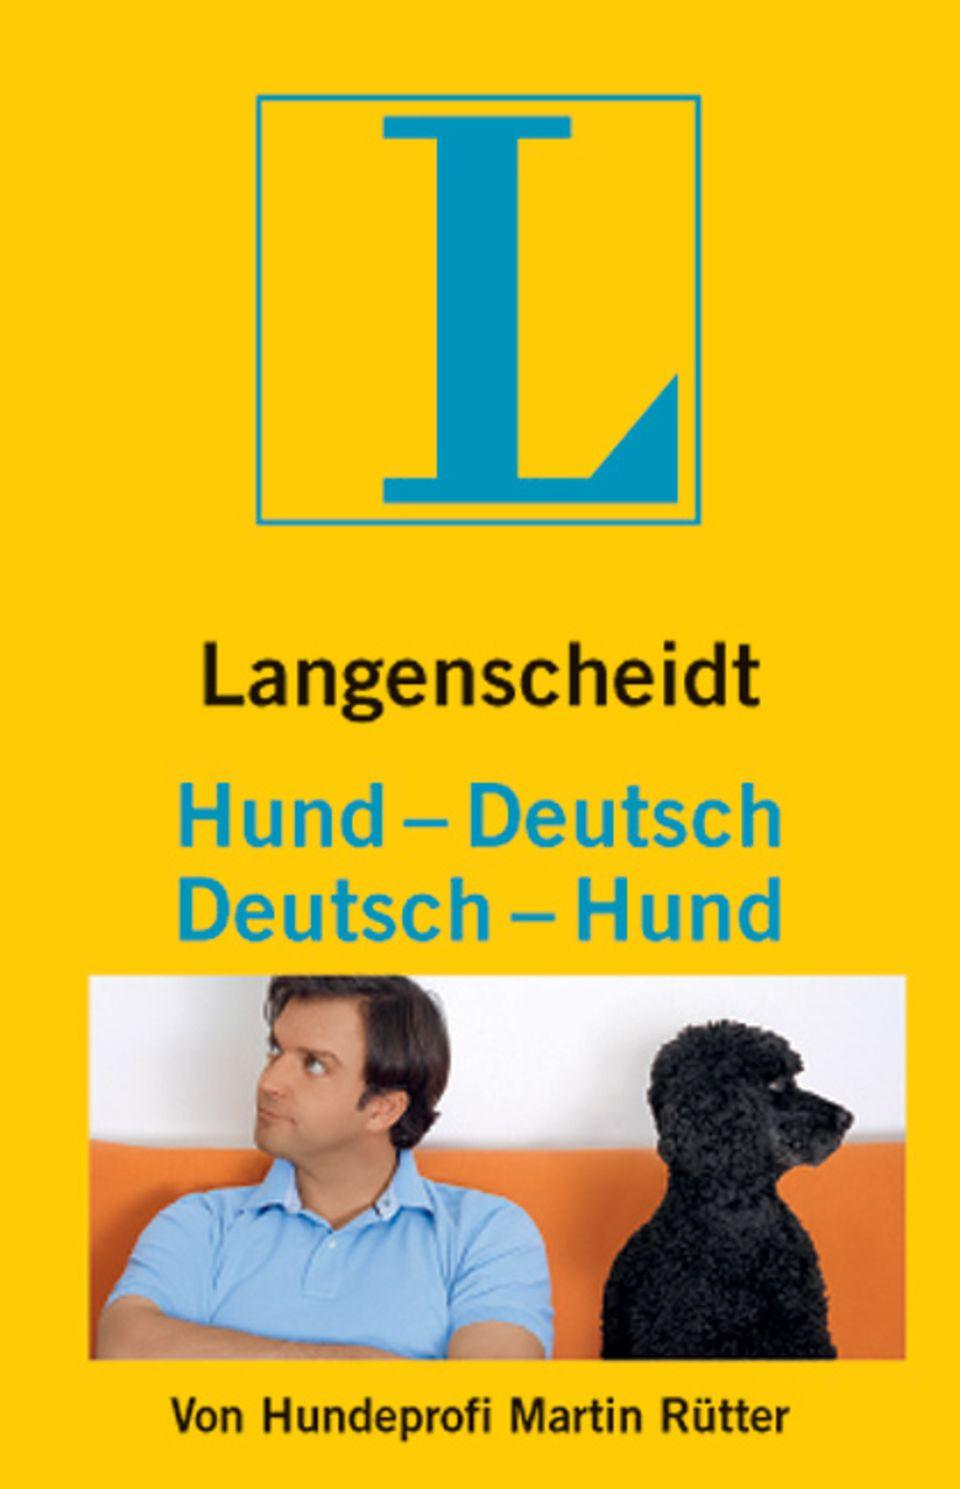 Tierkenner und Fernseh-Star Martin Rütter hat - gemeinsam mit seinem Hund Mina - ein Buch geschrieben